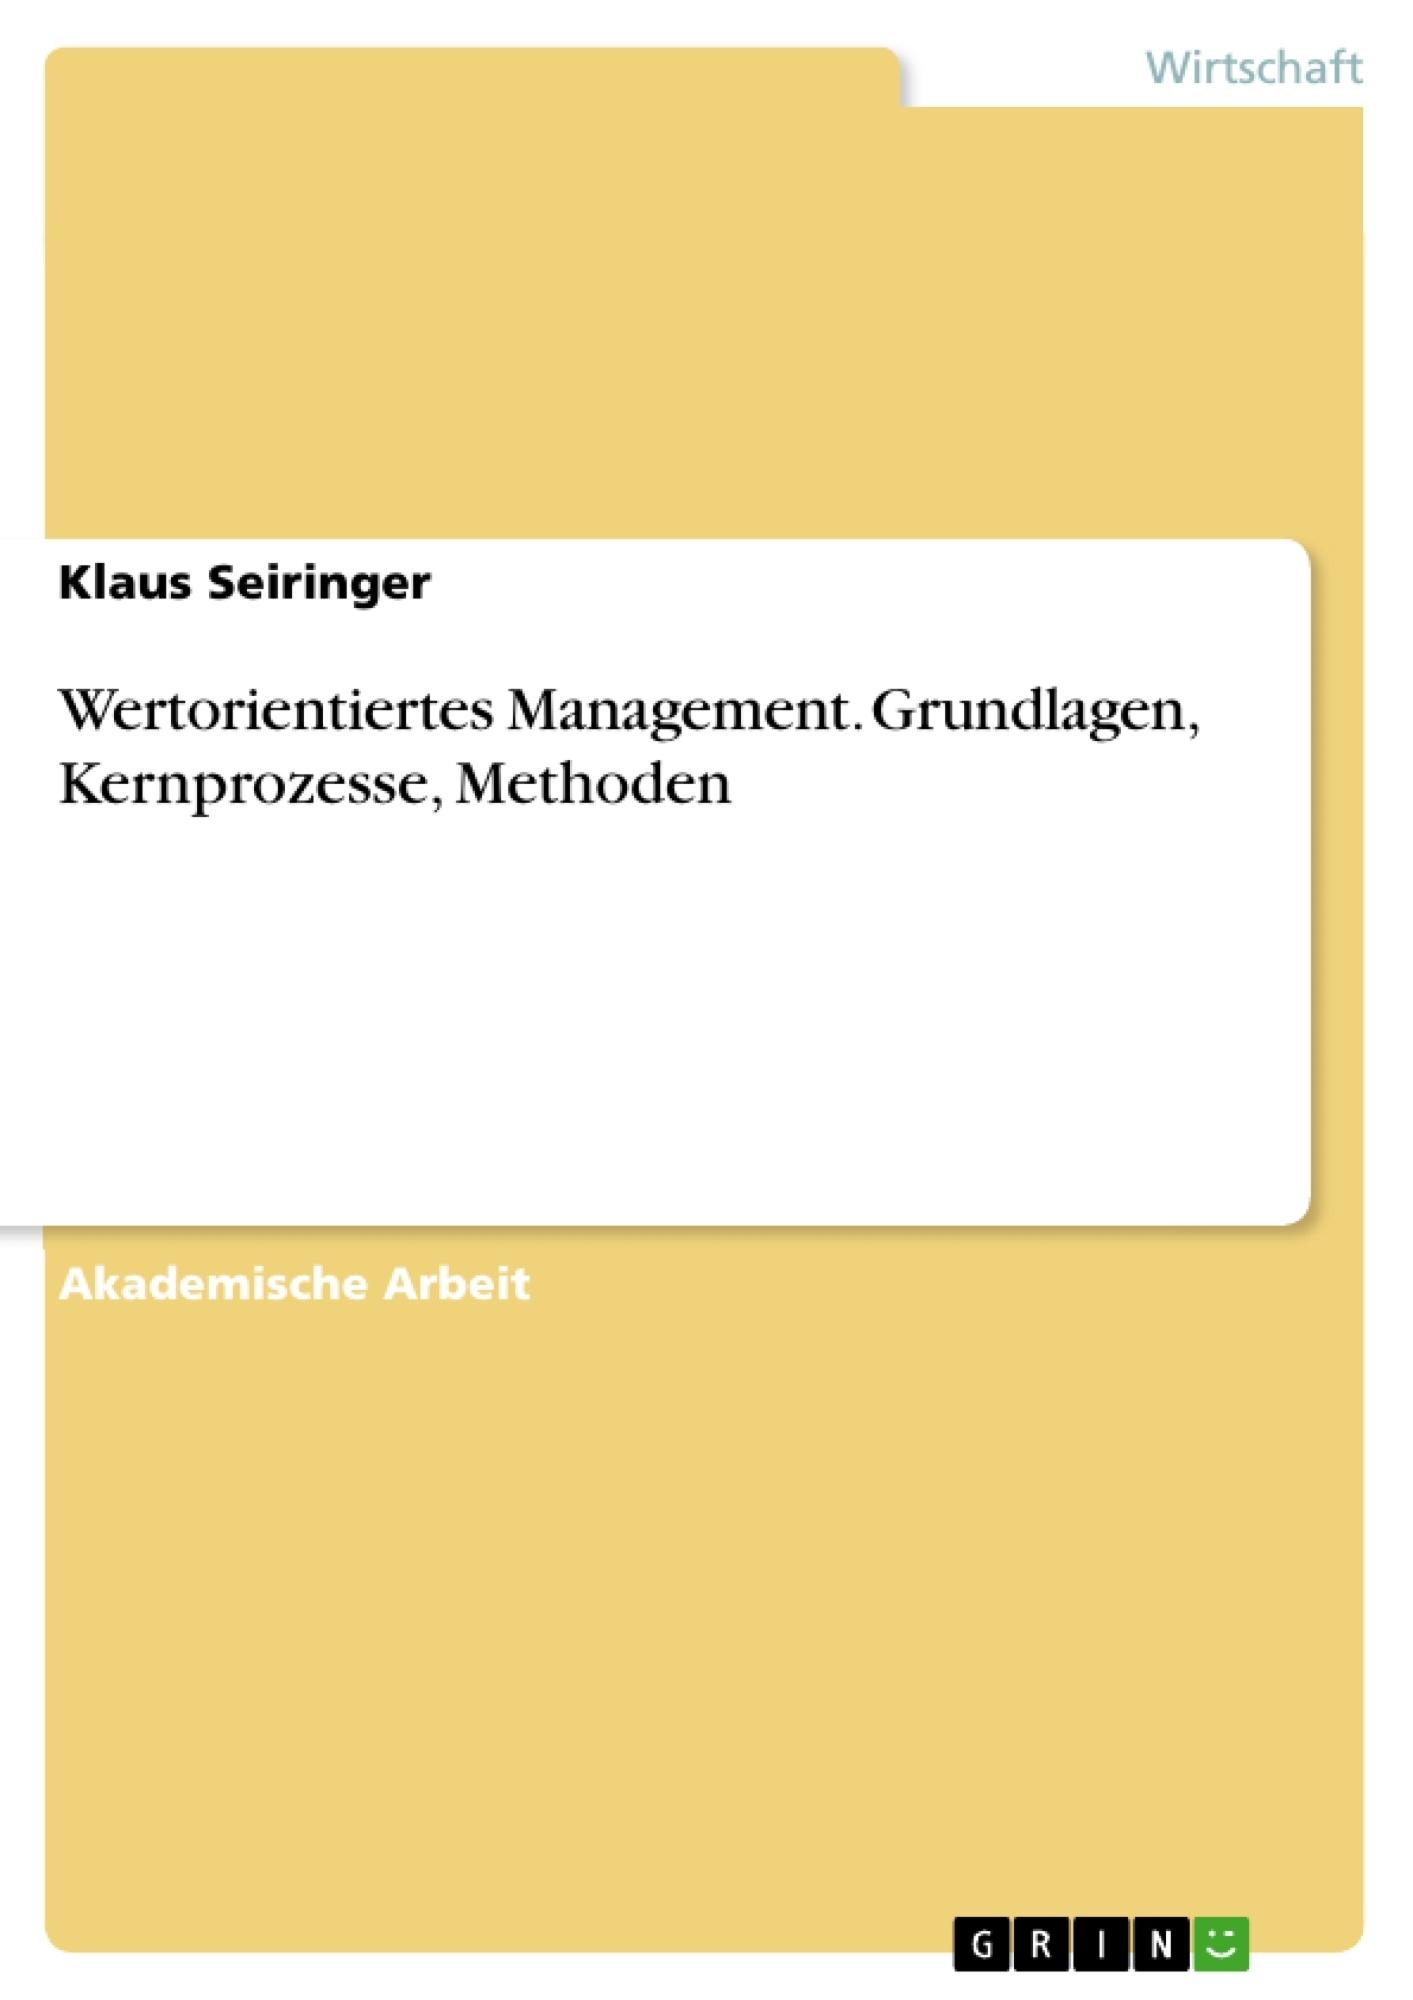 Titel: Wertorientiertes Management. Grundlagen, Kernprozesse, Methoden